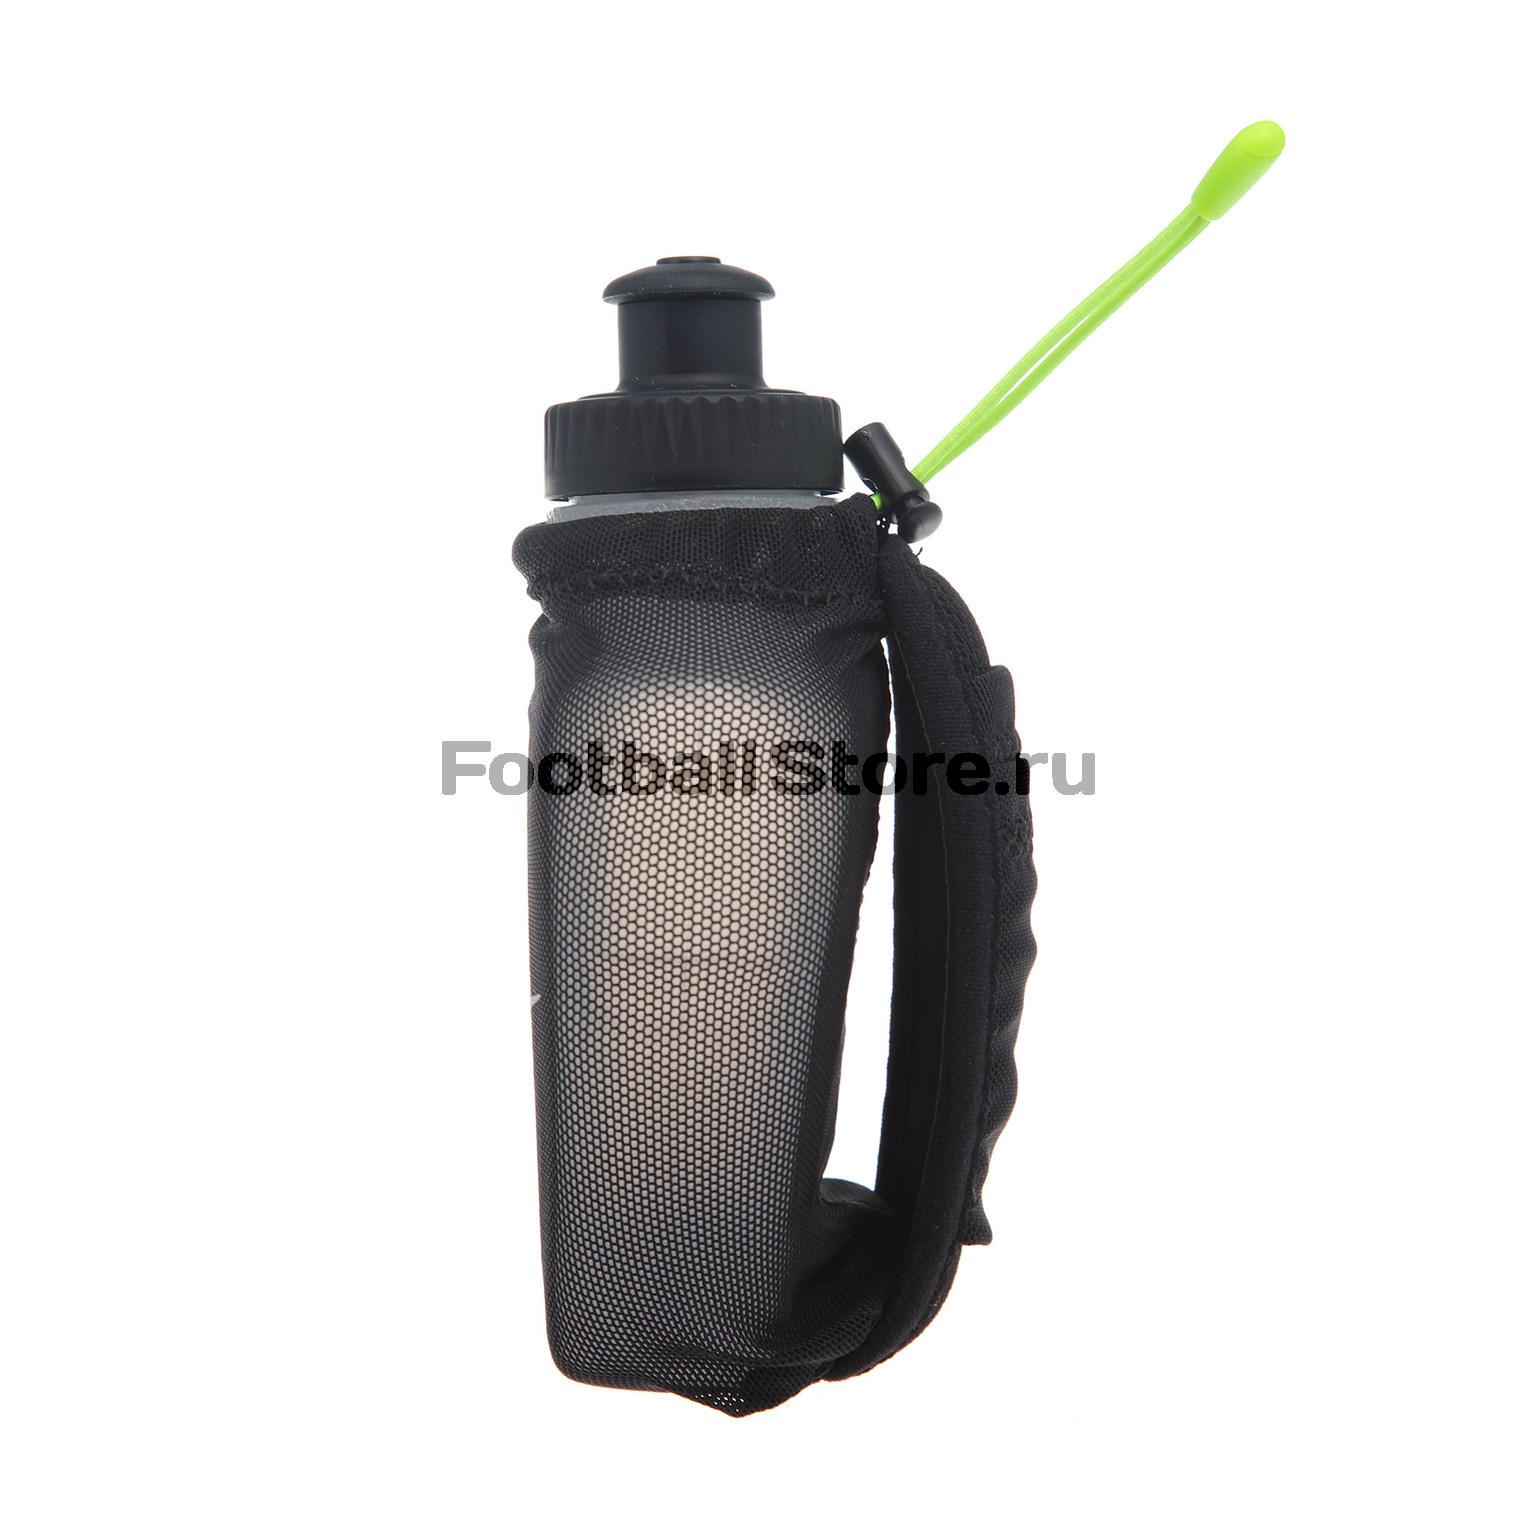 Бутылка для воды с держателем Nike Lean 6 OZ Hand N.RL.49.023.NS бутылка для воды nike 0 65 л big mouth water bottle nob17 968 прозр чер